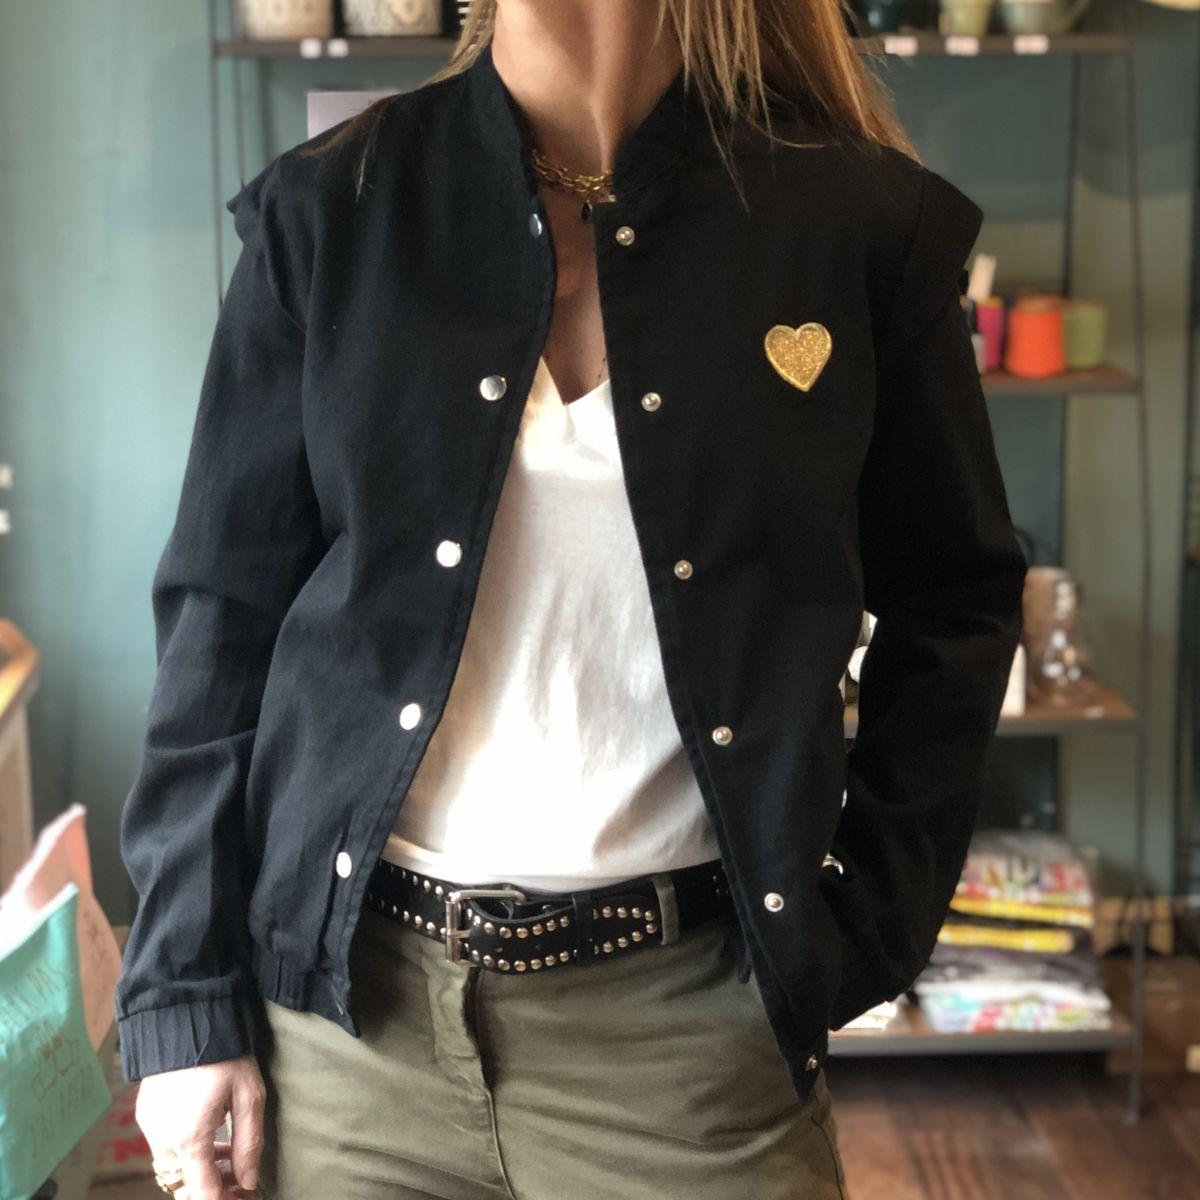 veste noire coeur doré by destele